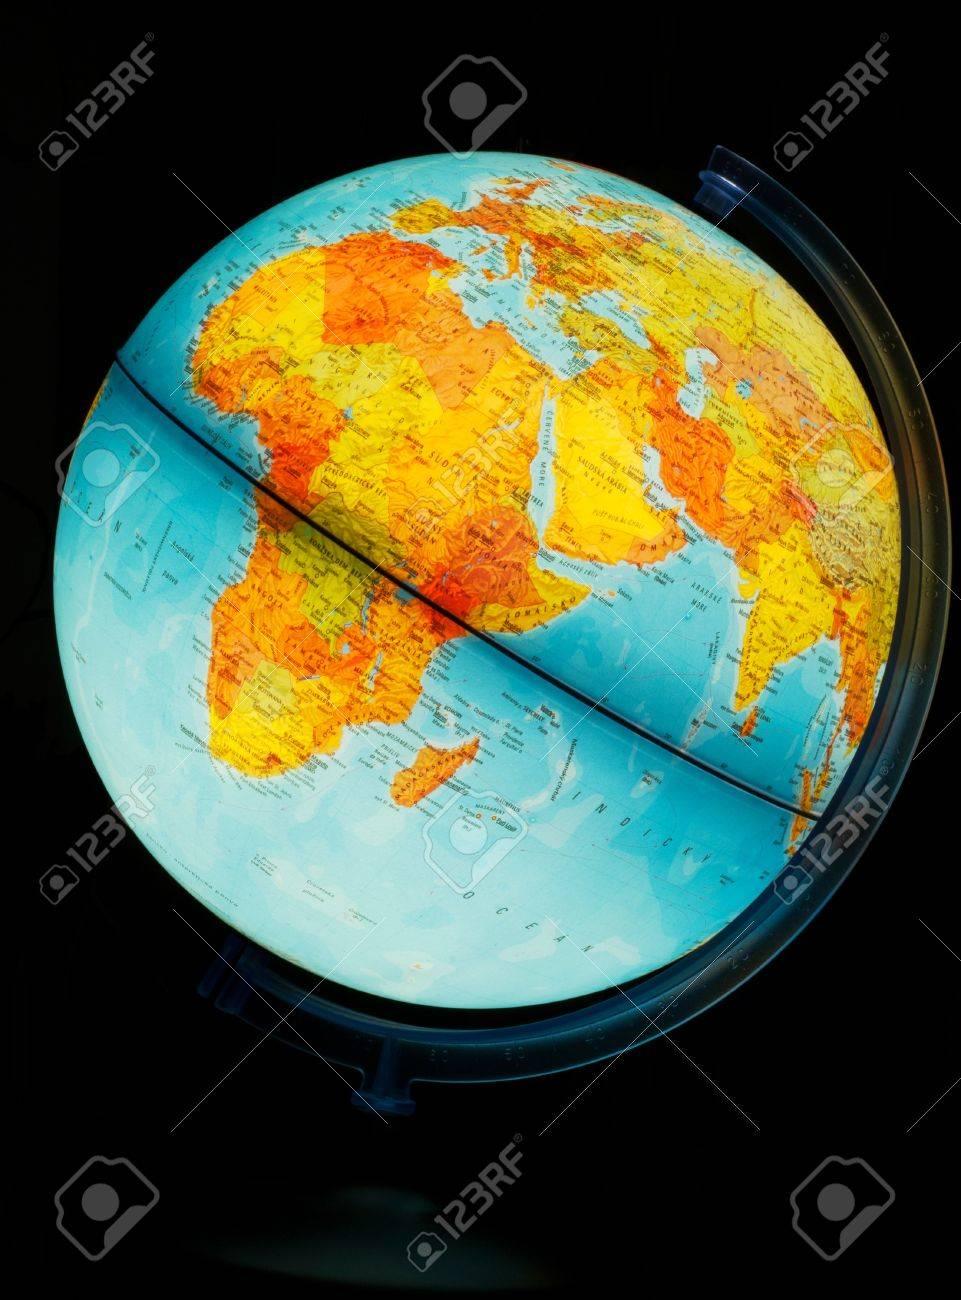 Illuminated Globe on a black background Stock Photo - 12324181